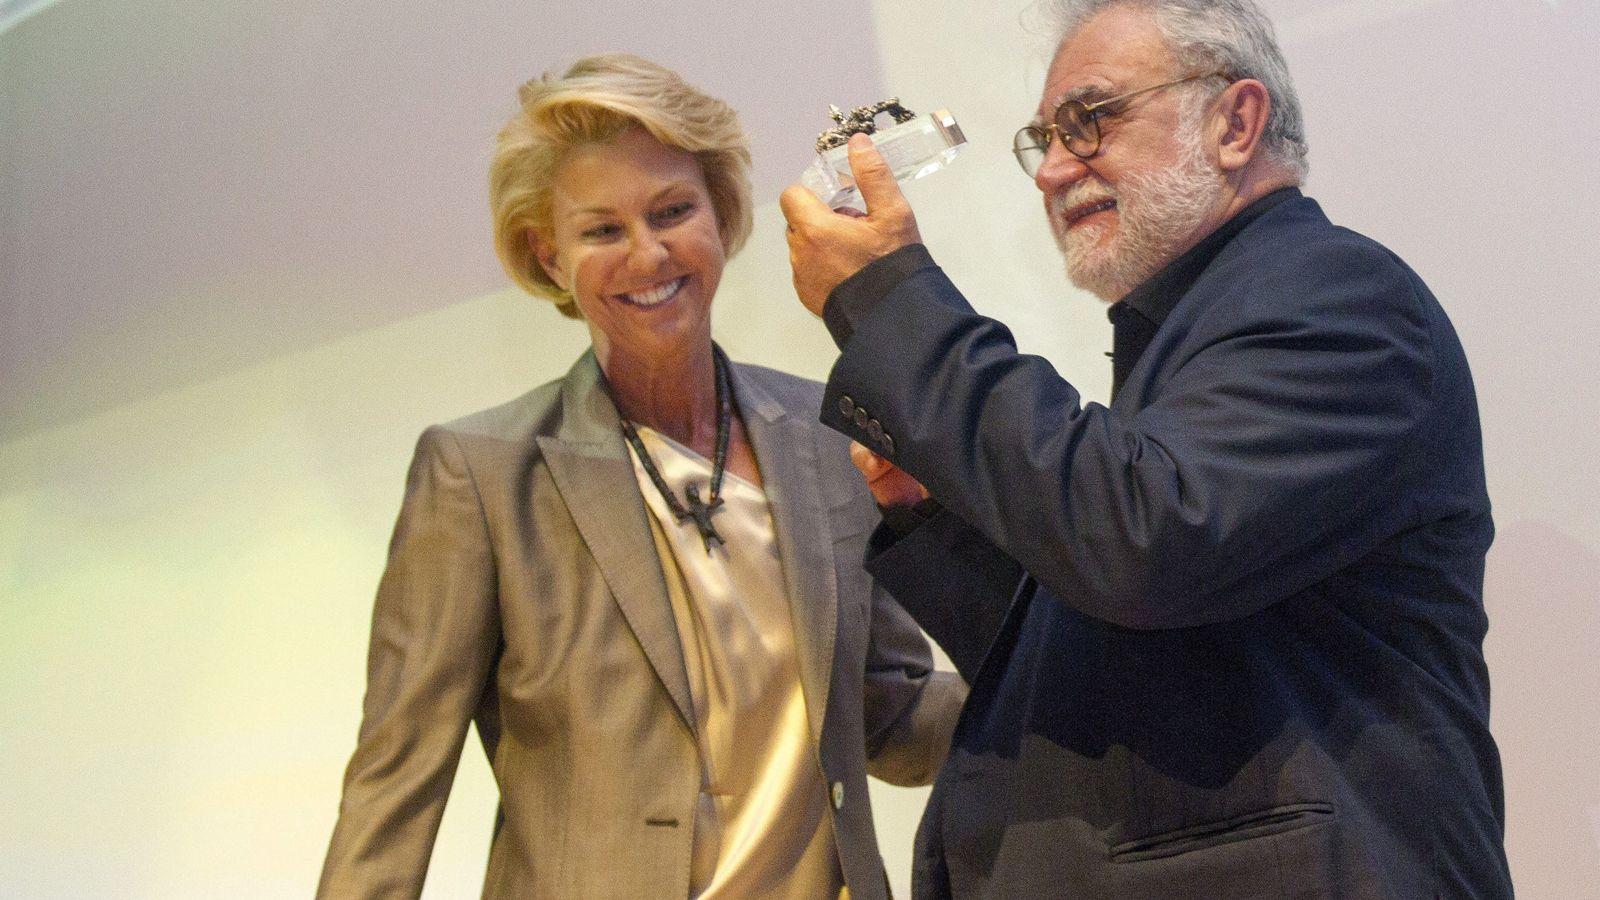 Foto: Lucrecia Botín le entrega un premio a Iván Trujillo en la Semana de Cine de Santander. (EFE)